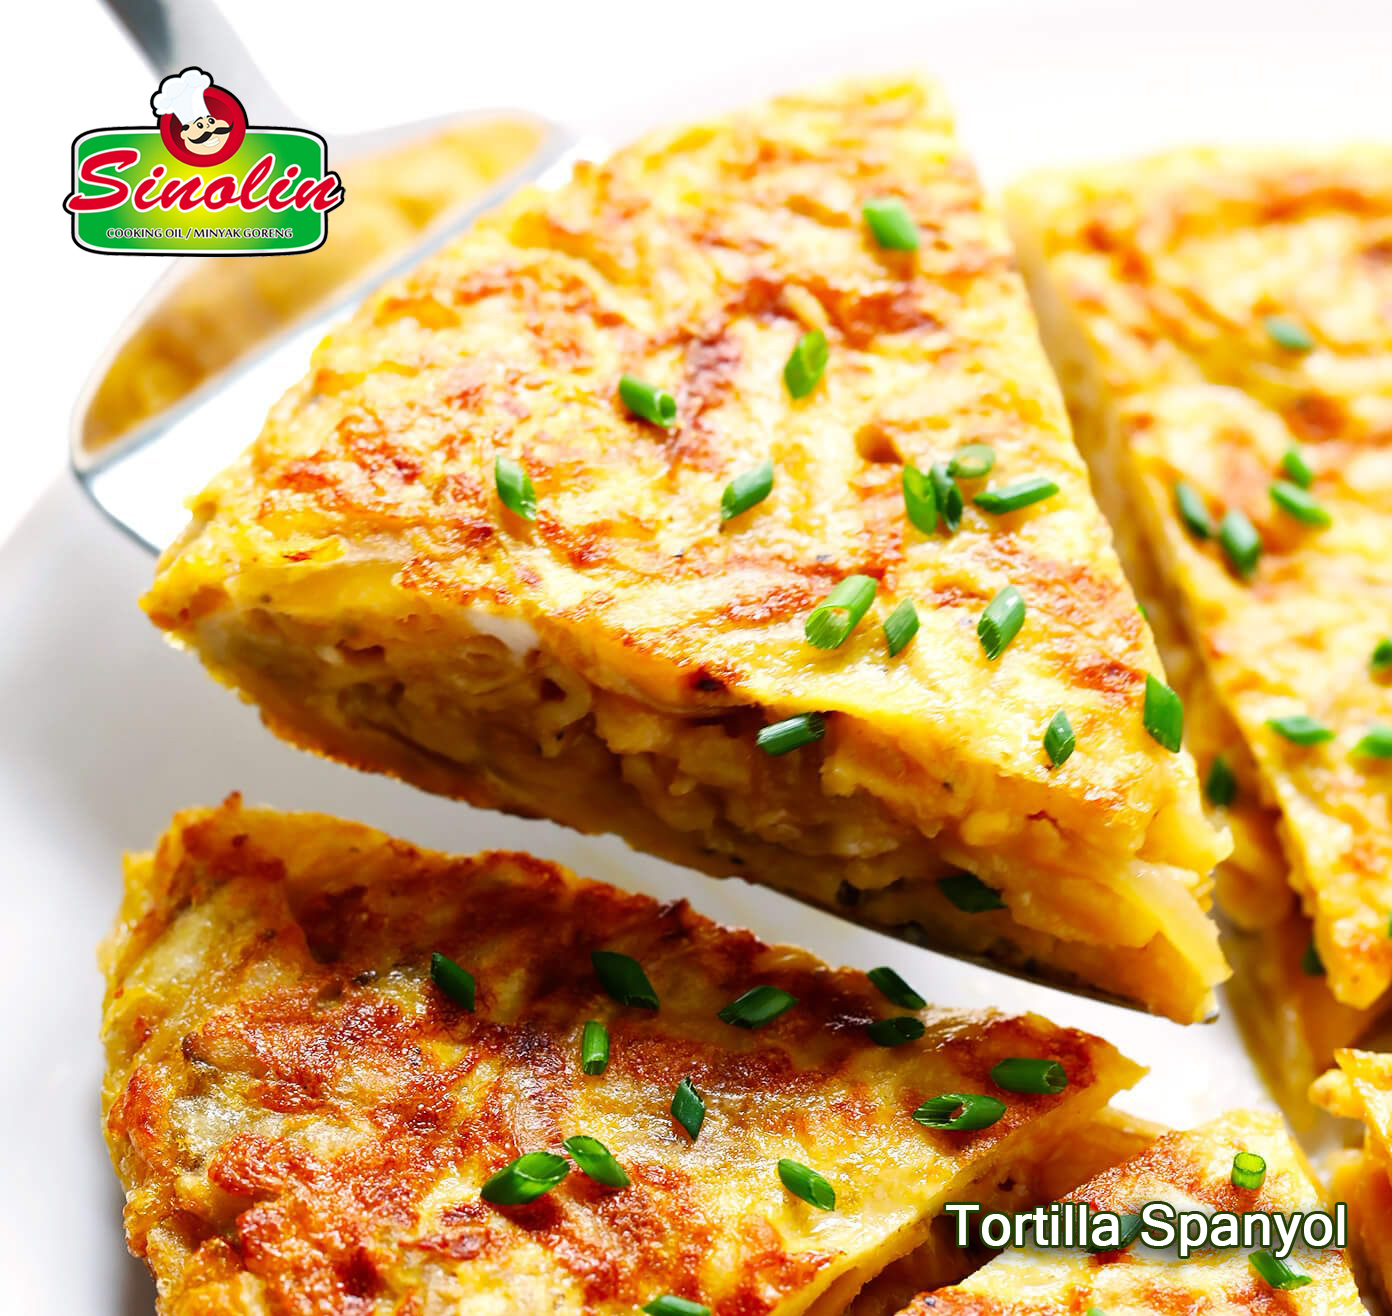 Tortilla Spanyol Oleh Dapur Sinolin